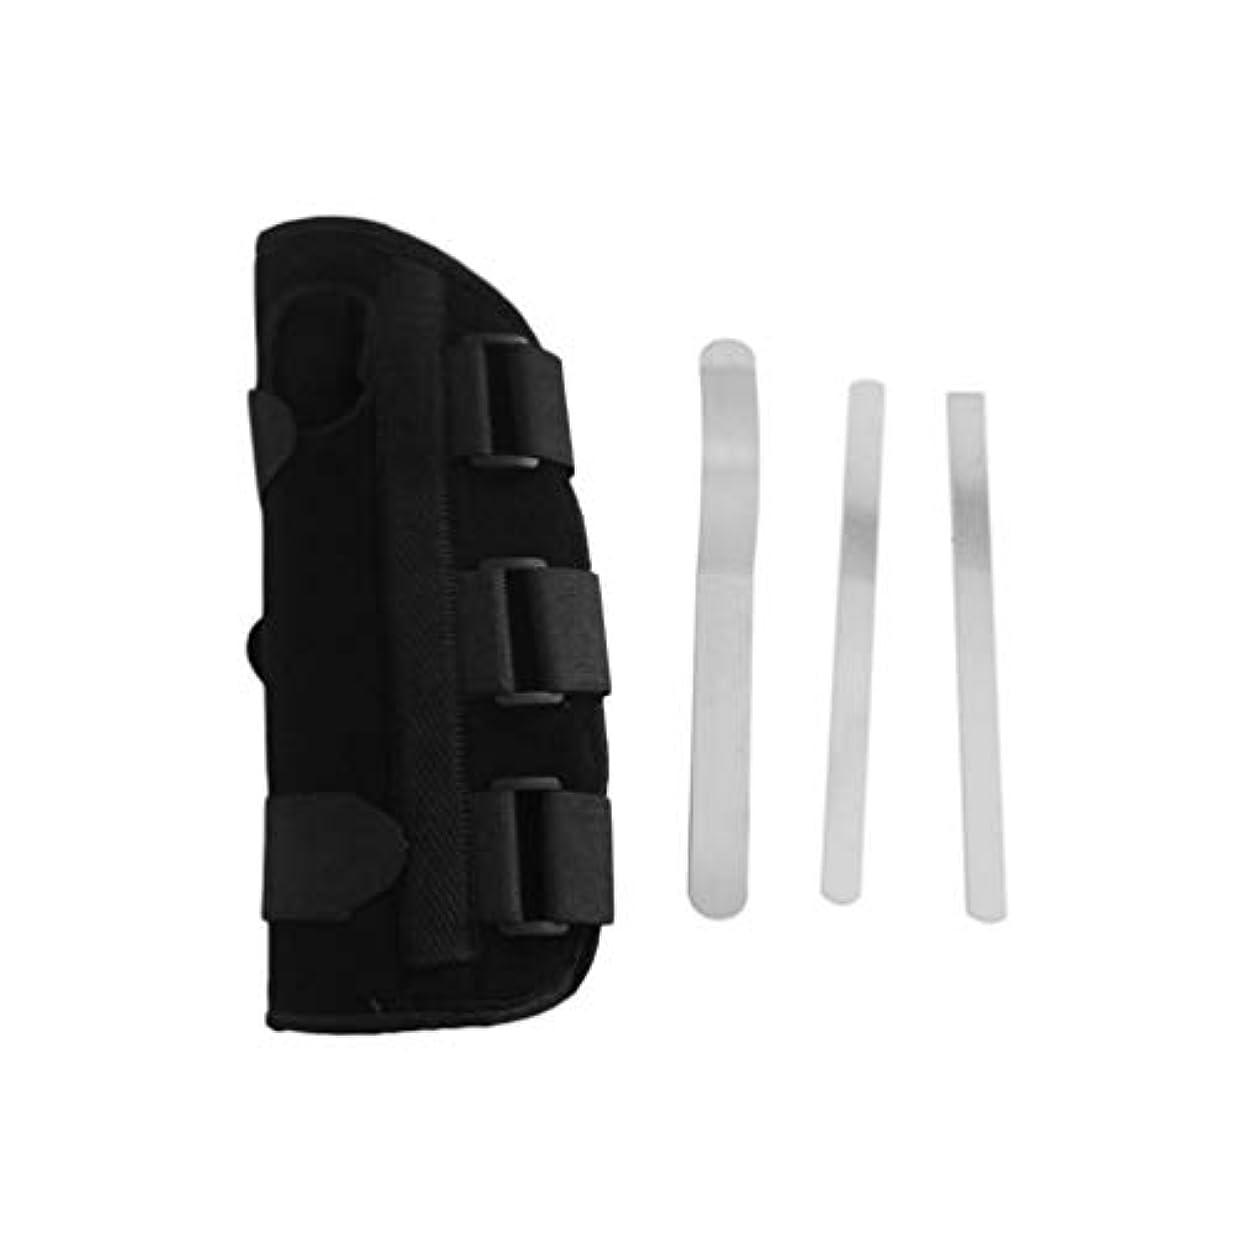 指令パーチナシティ生きる手首副木ブレース保護サポートストラップカルペルトンネルCTS RSI痛み軽減取り外し可能な副木快適な軽量ストラップ - ブラックS